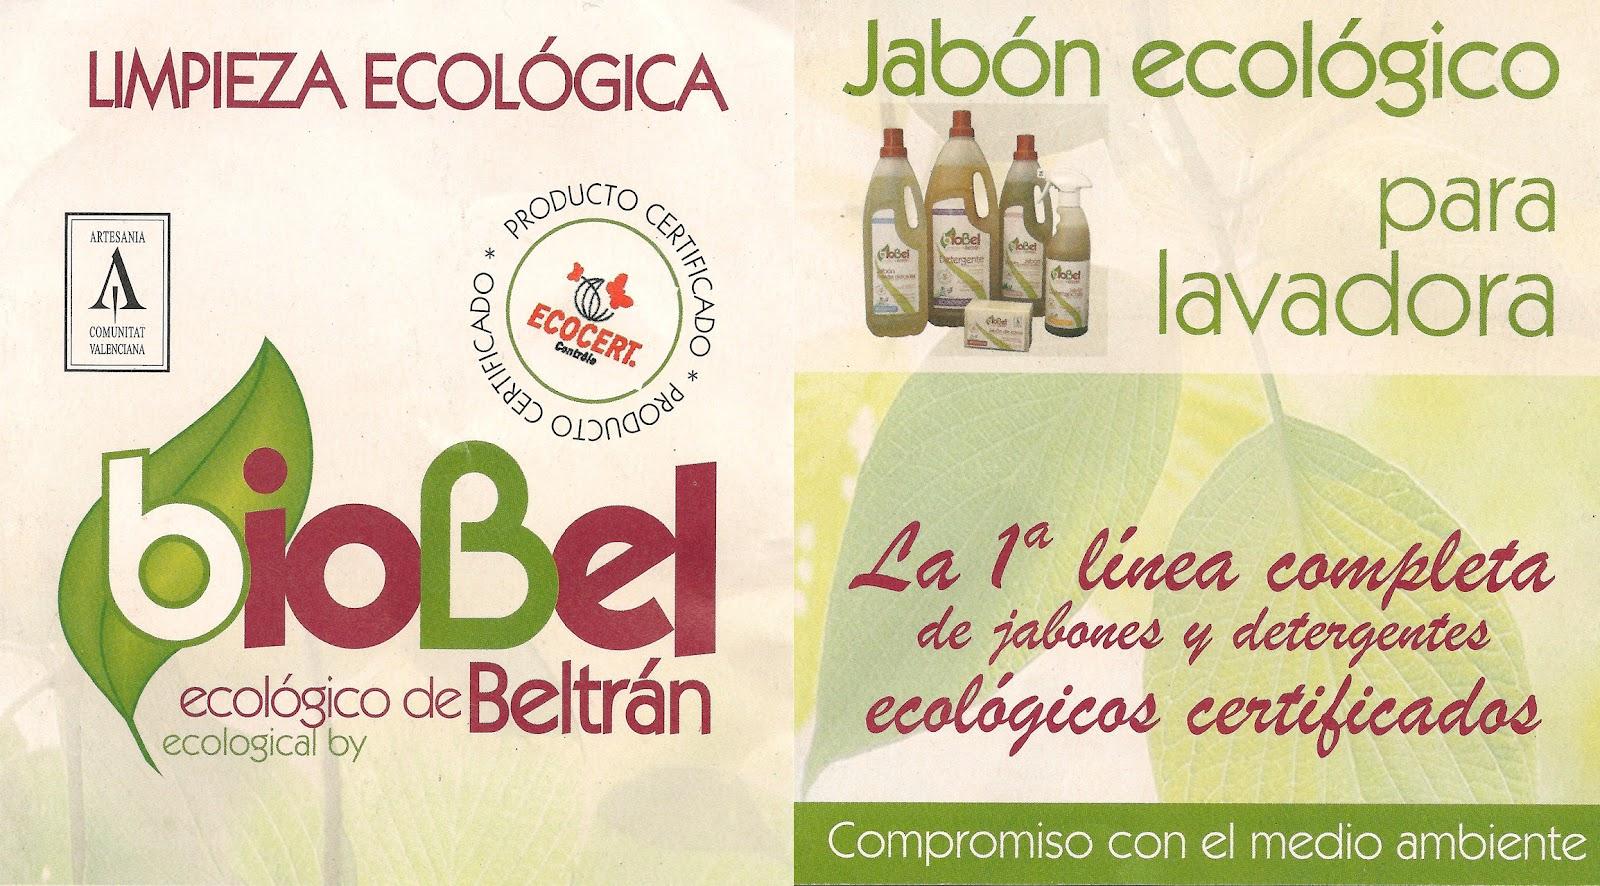 Herbolario hierbabuena gij n jab n ecol gico para lavadora - Jabon natural para lavadora ...